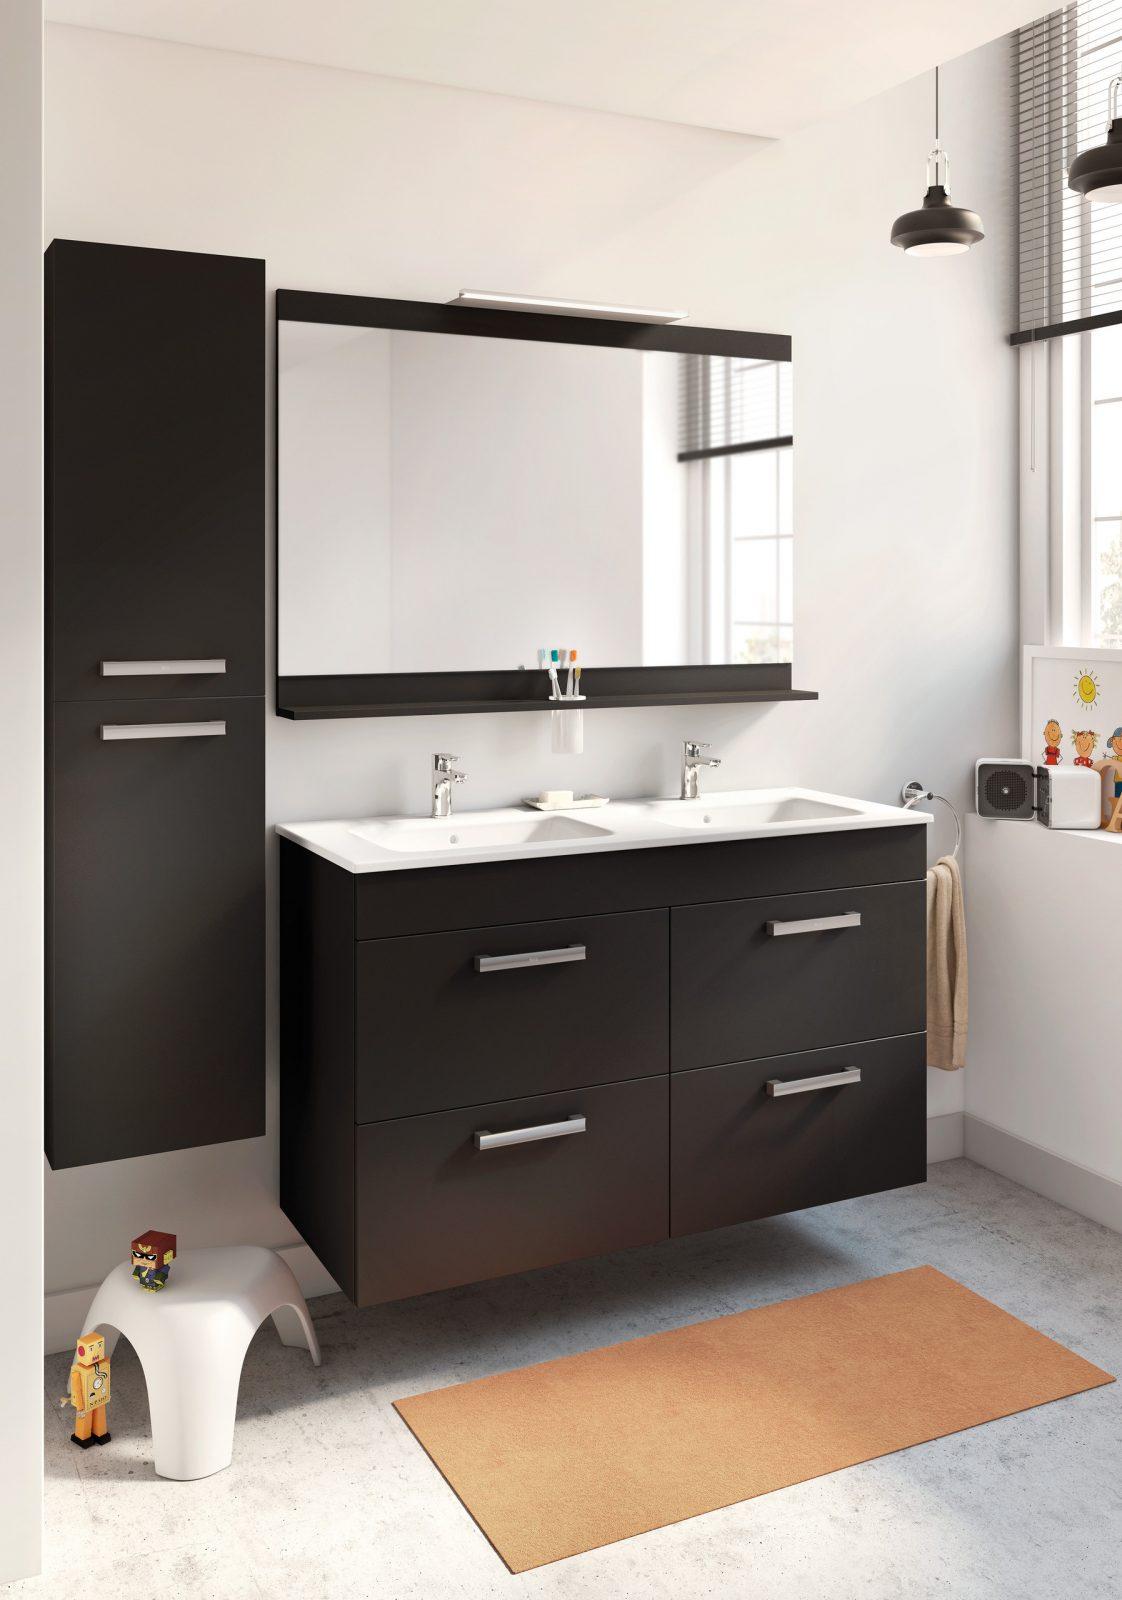 Salle De Bain Azurlign ~ le meuble double de salle de bain fiche produit salledebains fr